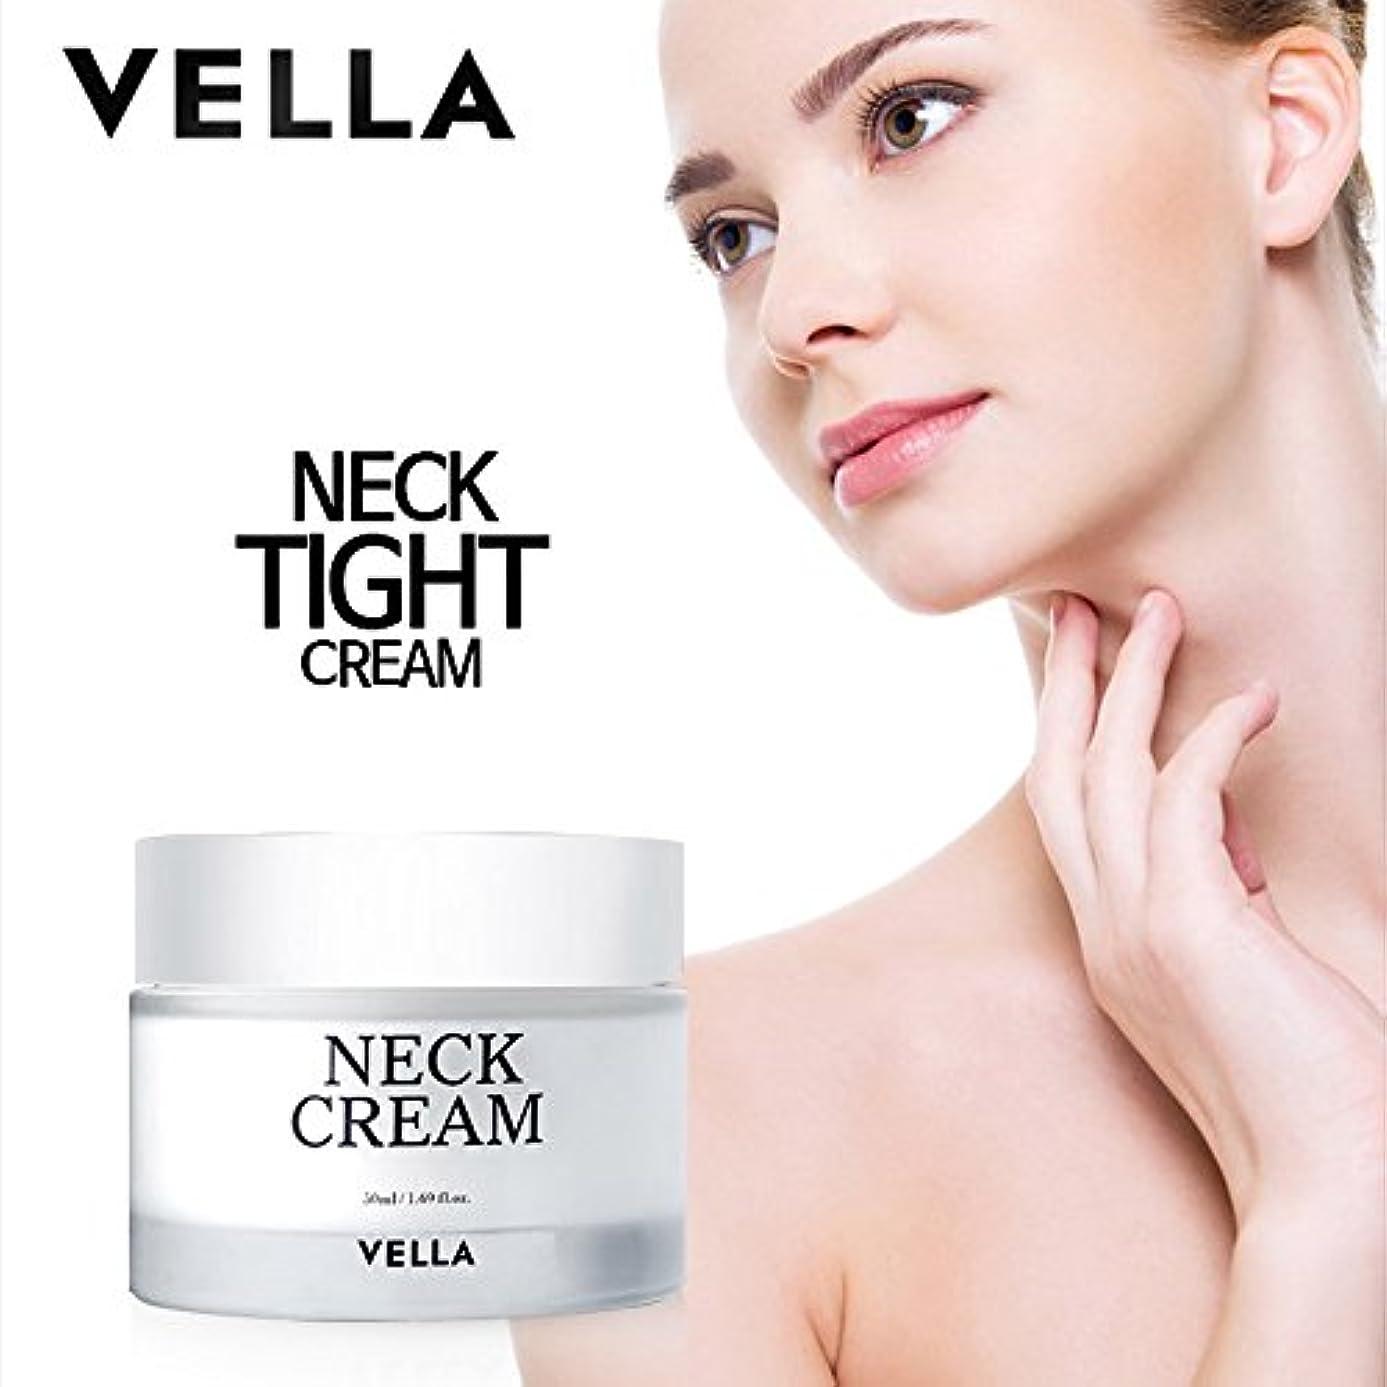 エンジニア自発帰るVELLA Anti Wrinkle & Whitening Strong Neck Cream(体がキレイvella首専用のクリーム) 50ml [並行輸入品]